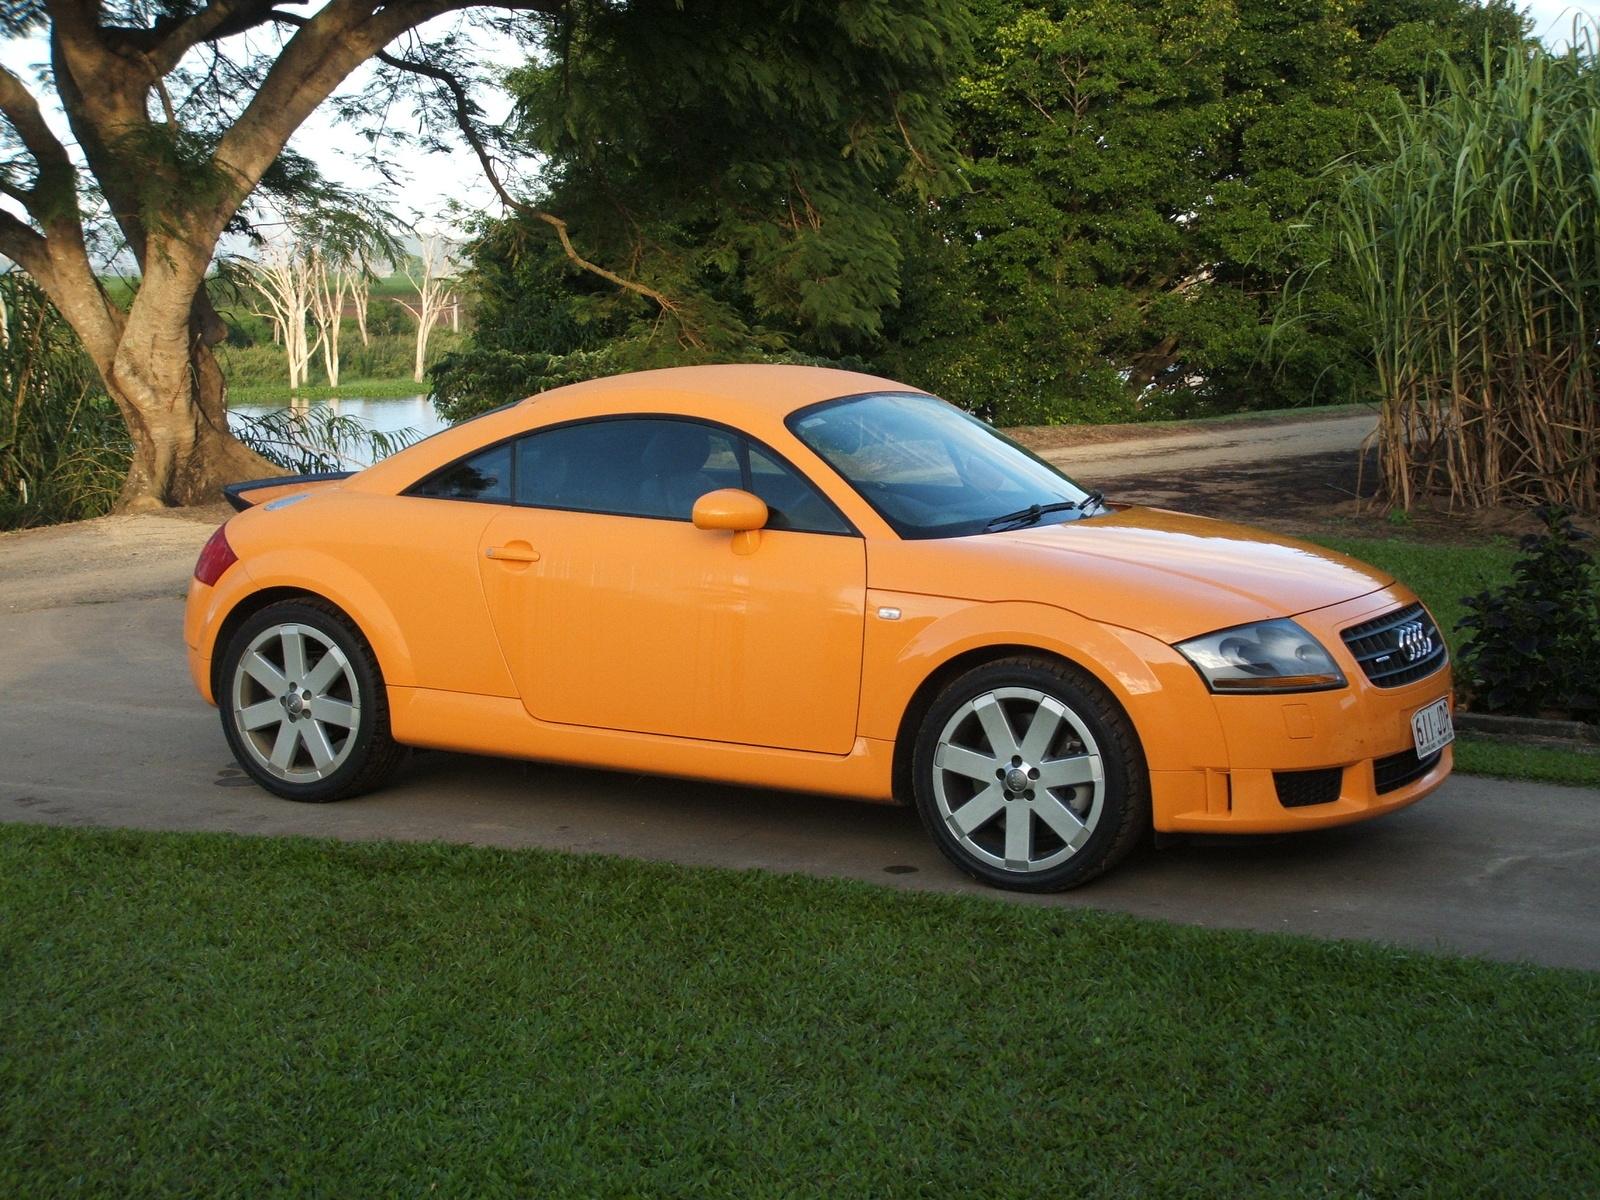 2006 Audi TT - Pictures - CarGurus